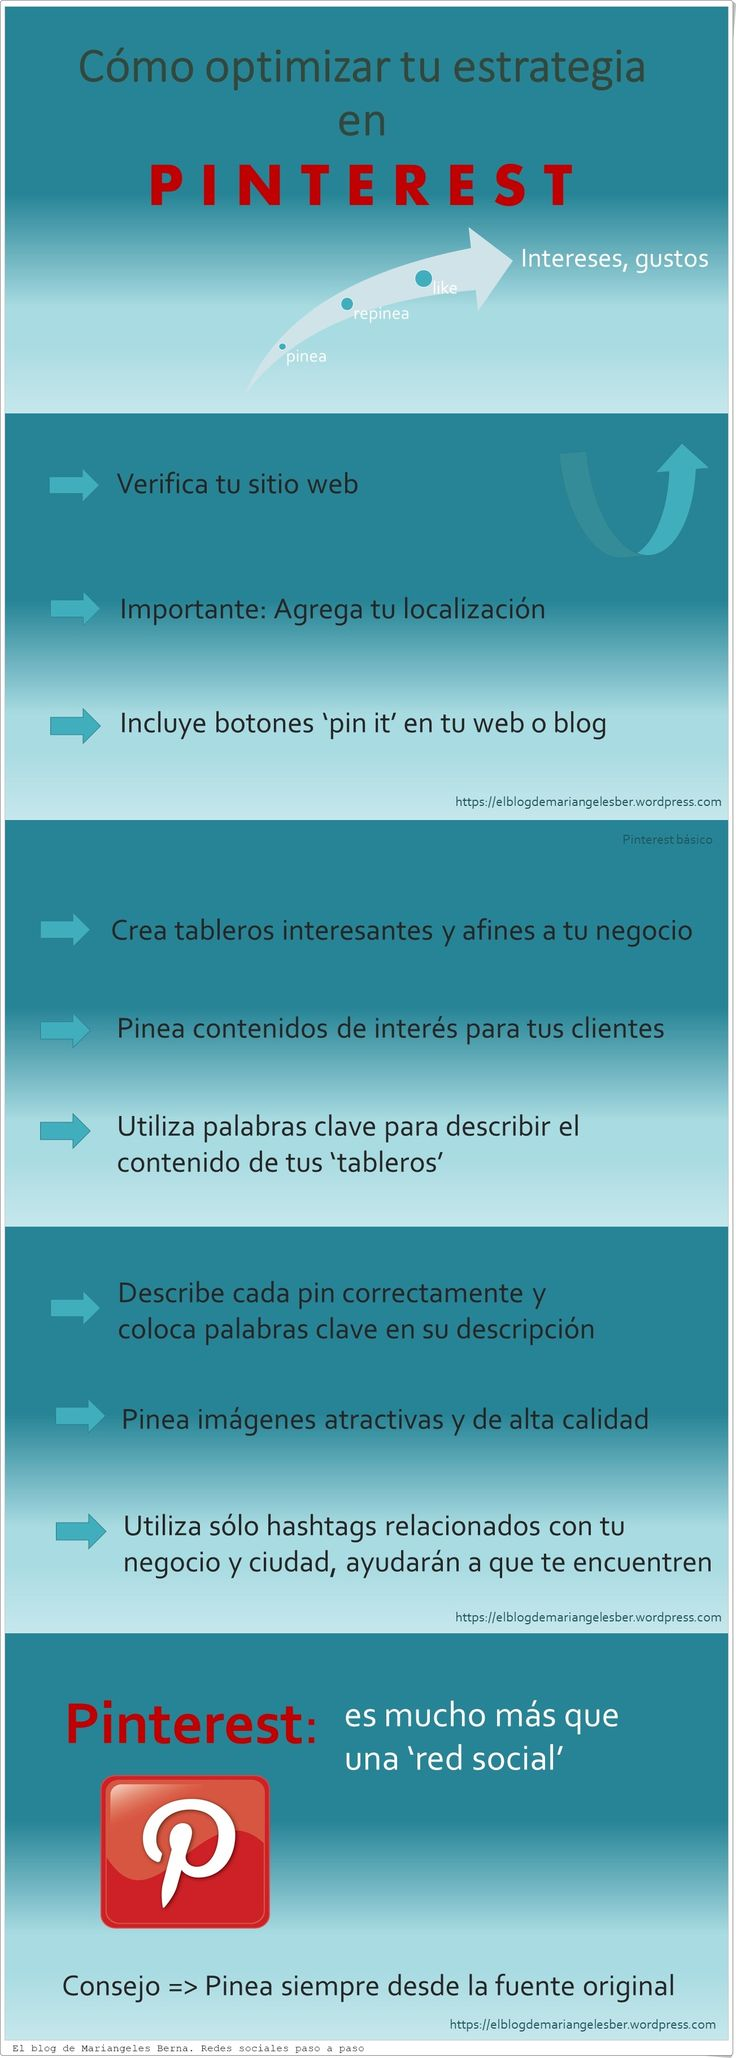 Cómo optimizar tu estrategia en Pinterest con unos sencillos consejos.  #pinterest #infografía